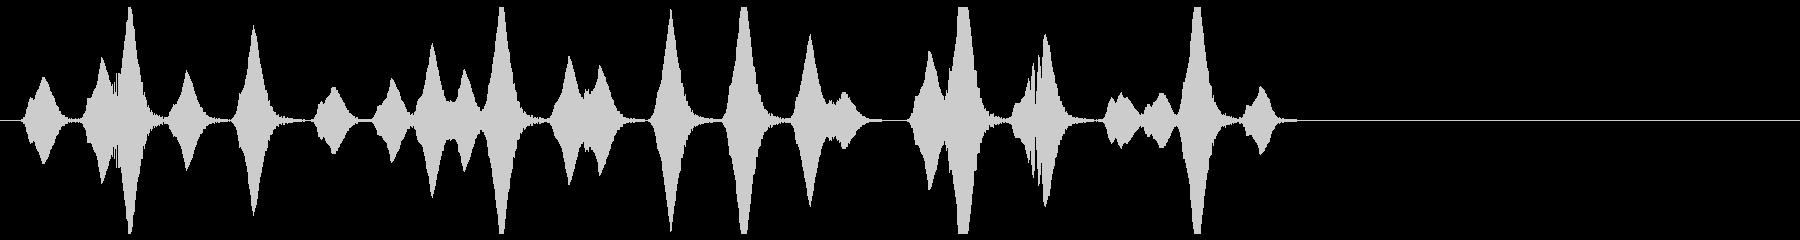 泡/気泡/あぶく/プクプク_000の未再生の波形